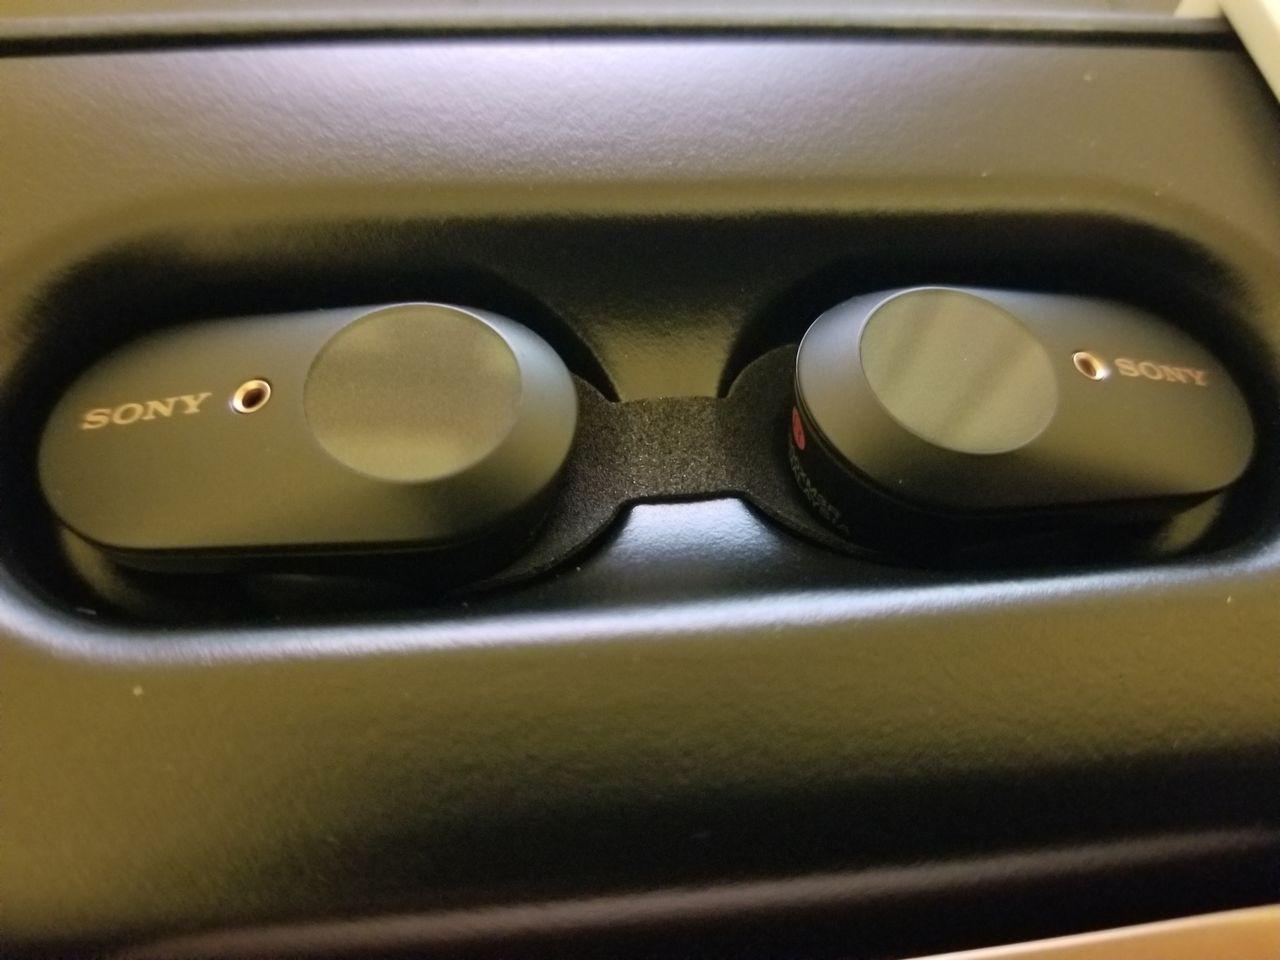 ワイヤレスイヤホン ソニー SONY ワイヤレスノイズキャンセリングイヤホン WF-1000XM3  _184213